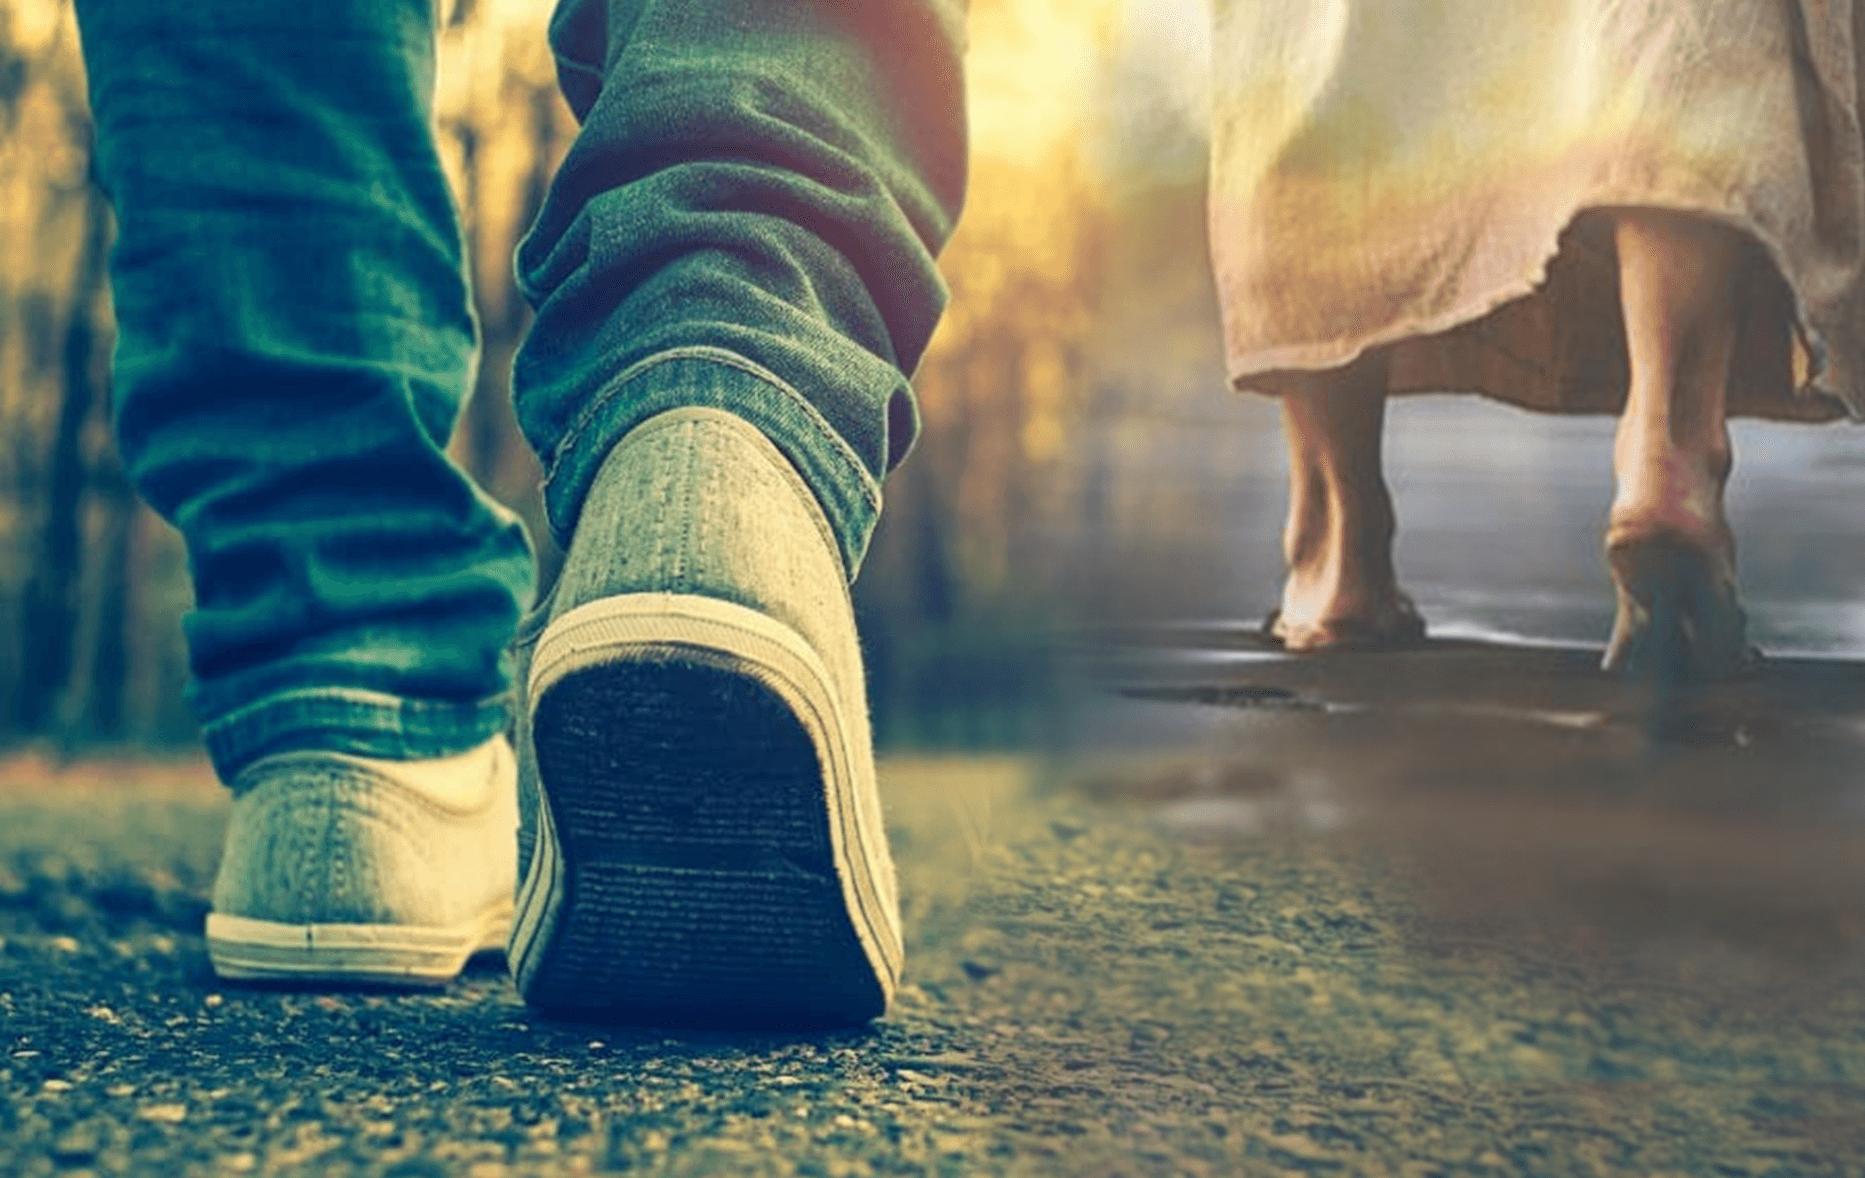 Walking in the Footprints of Jesus : Week One